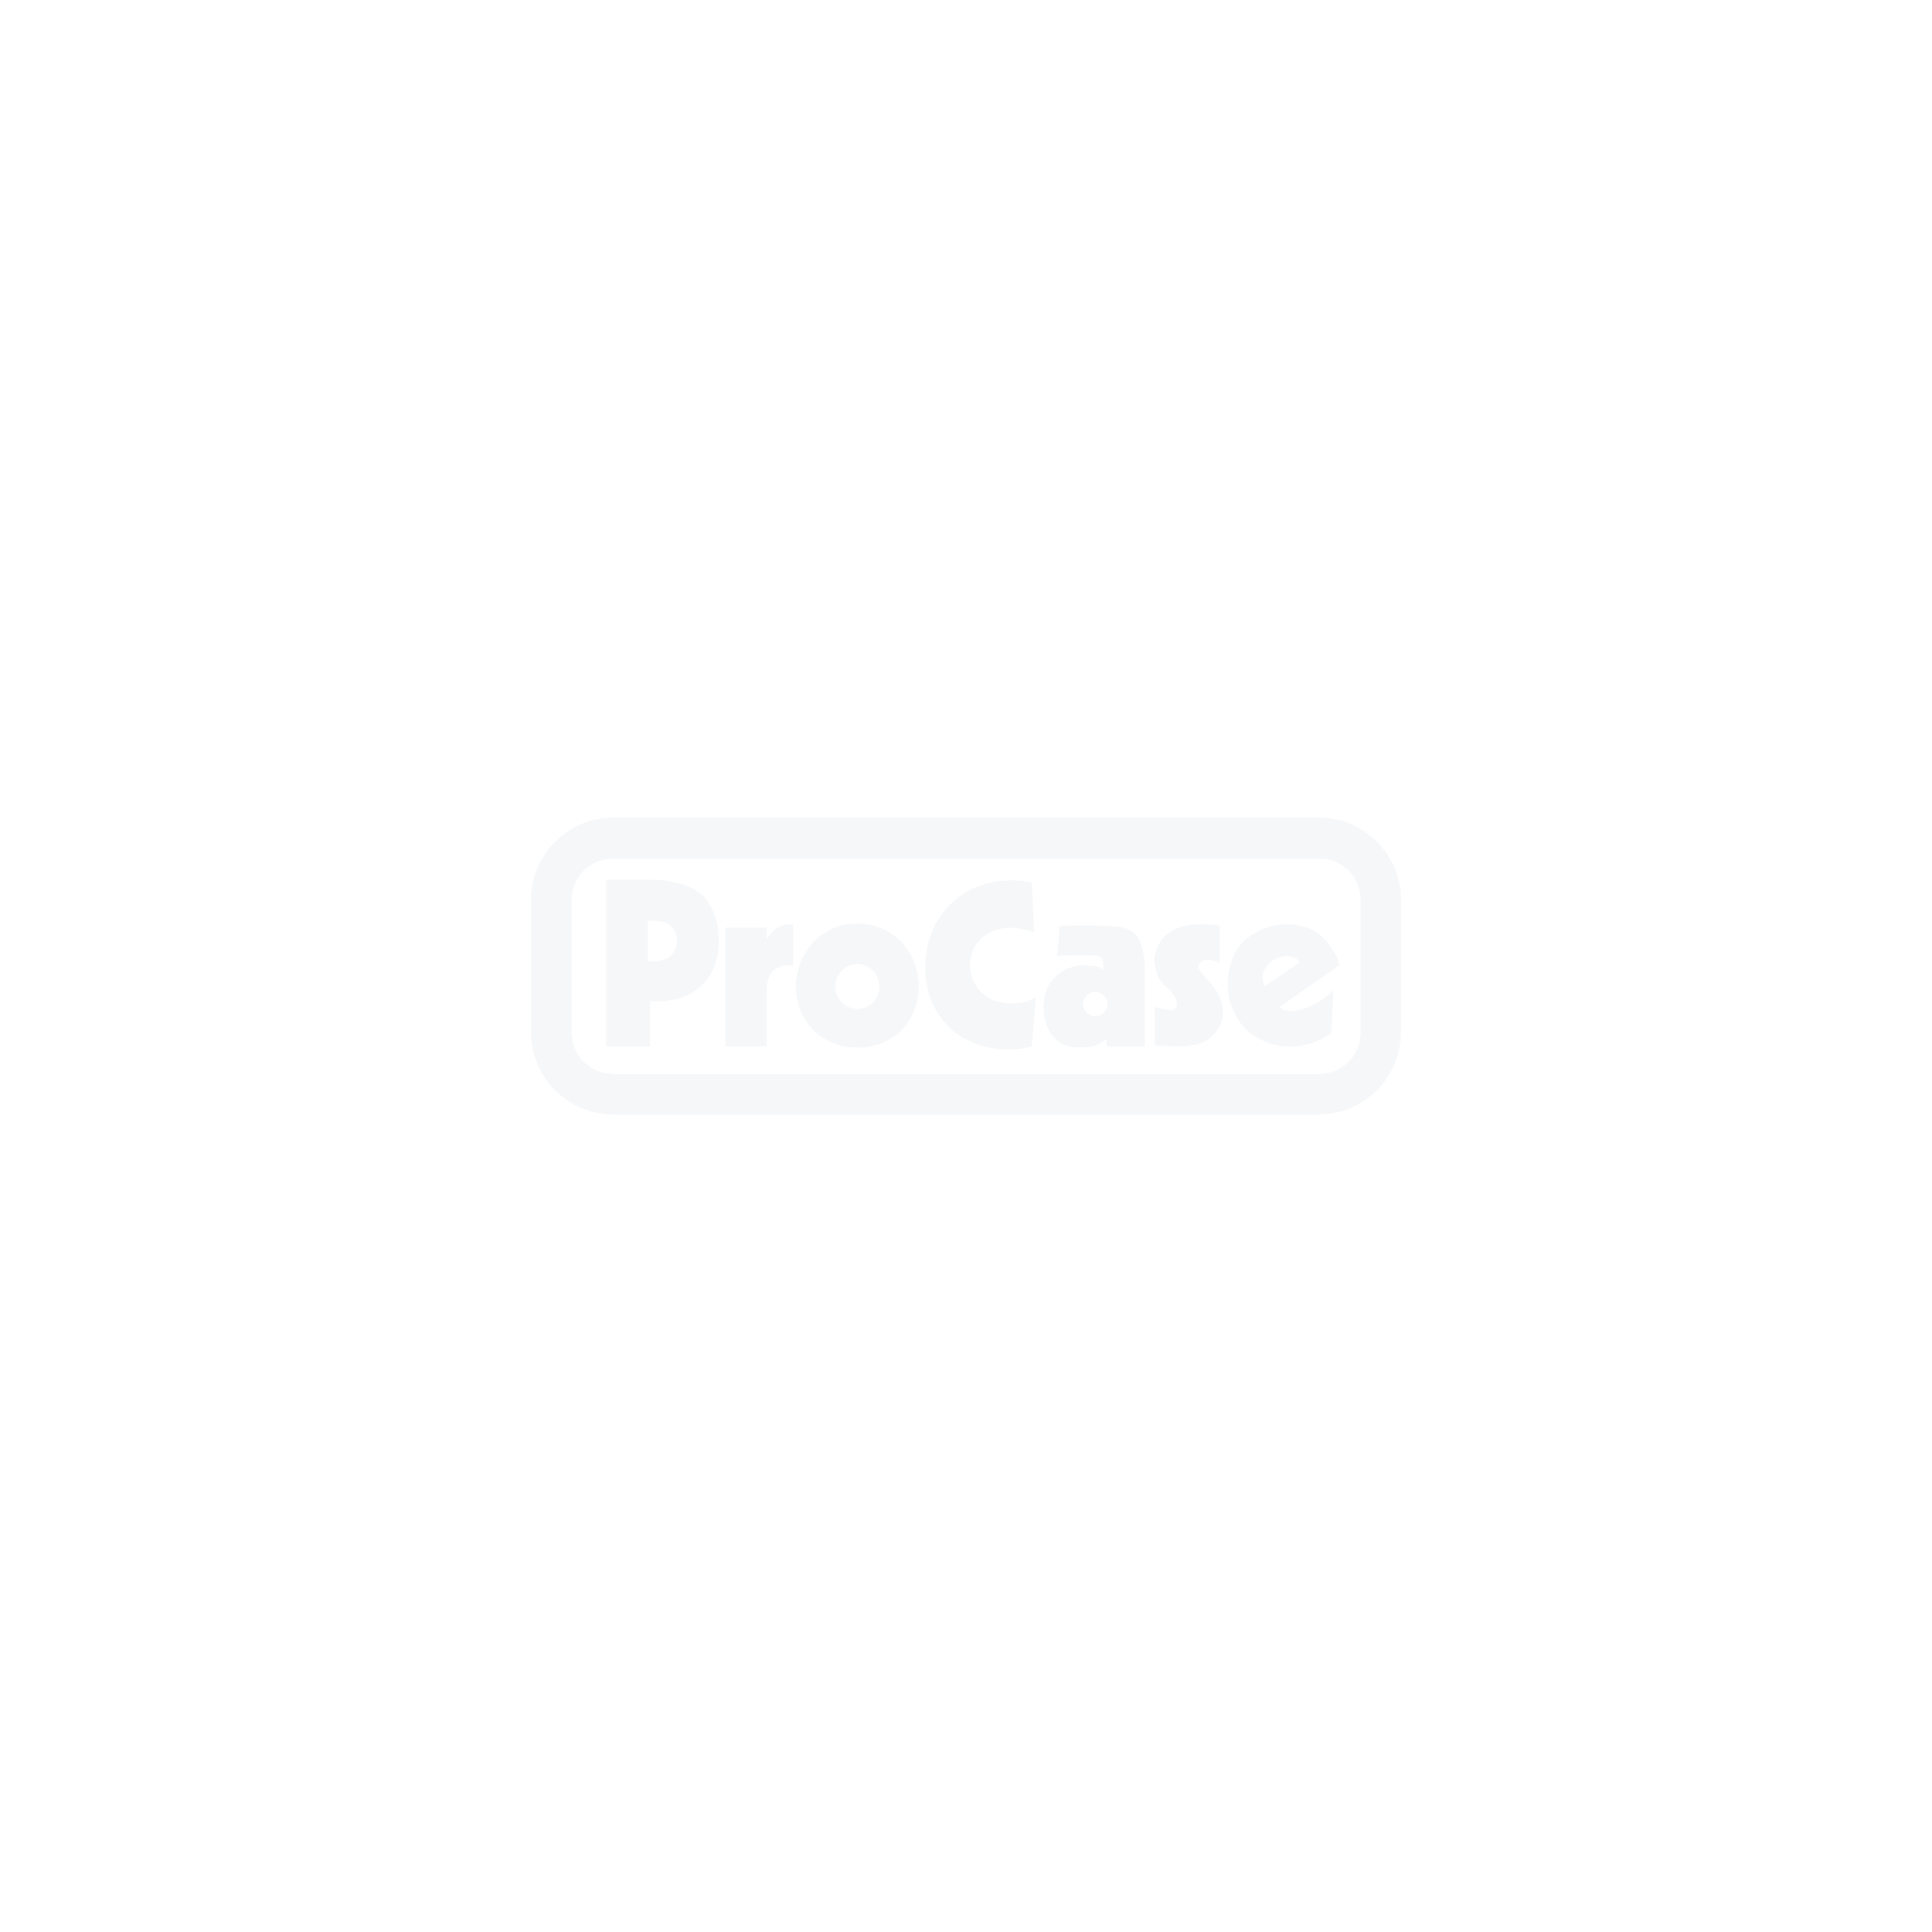 Doppel Screen-Lift Case 2